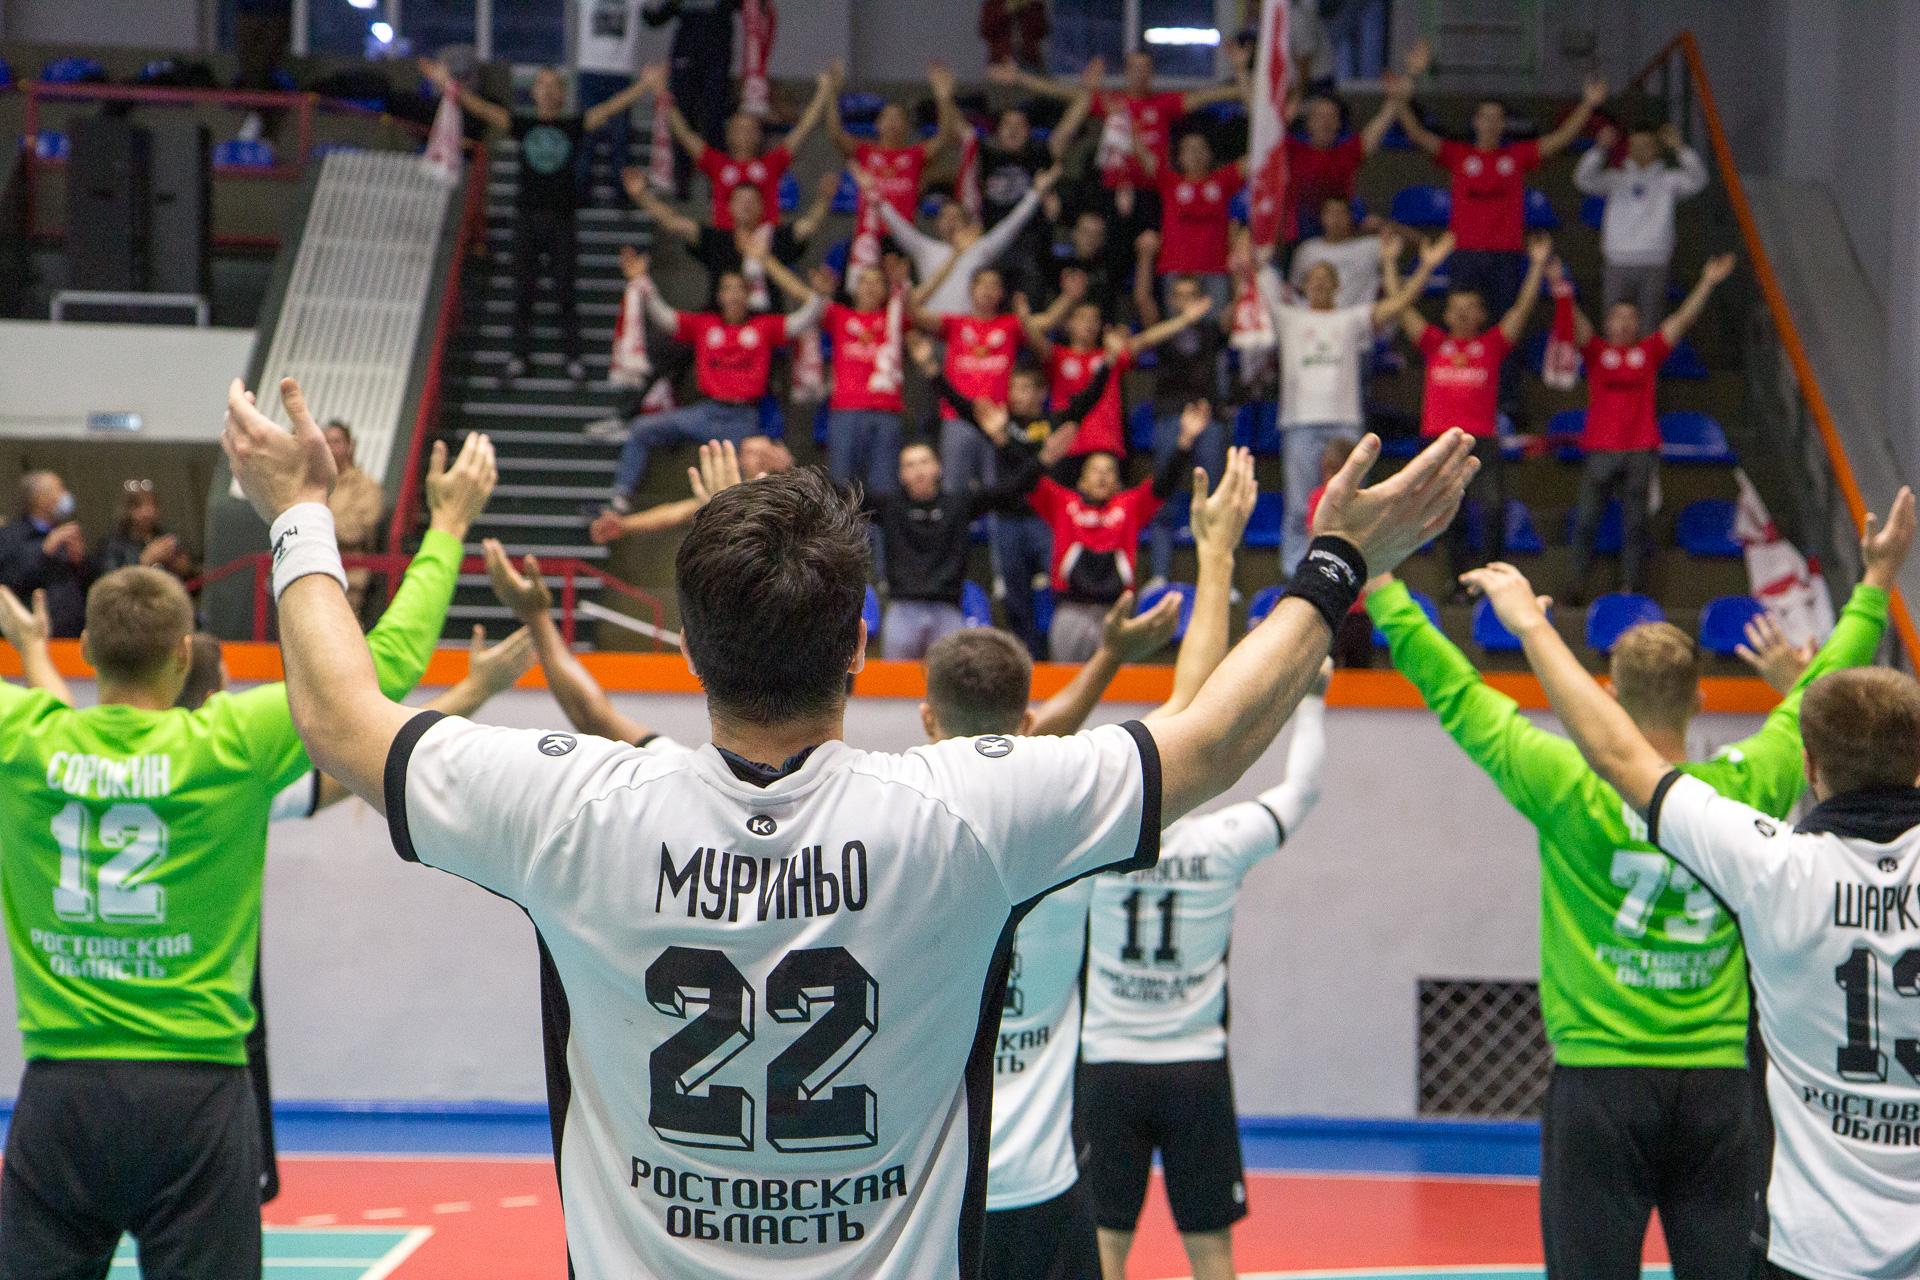 Жителей Таганрога в субботу приглашают на матч